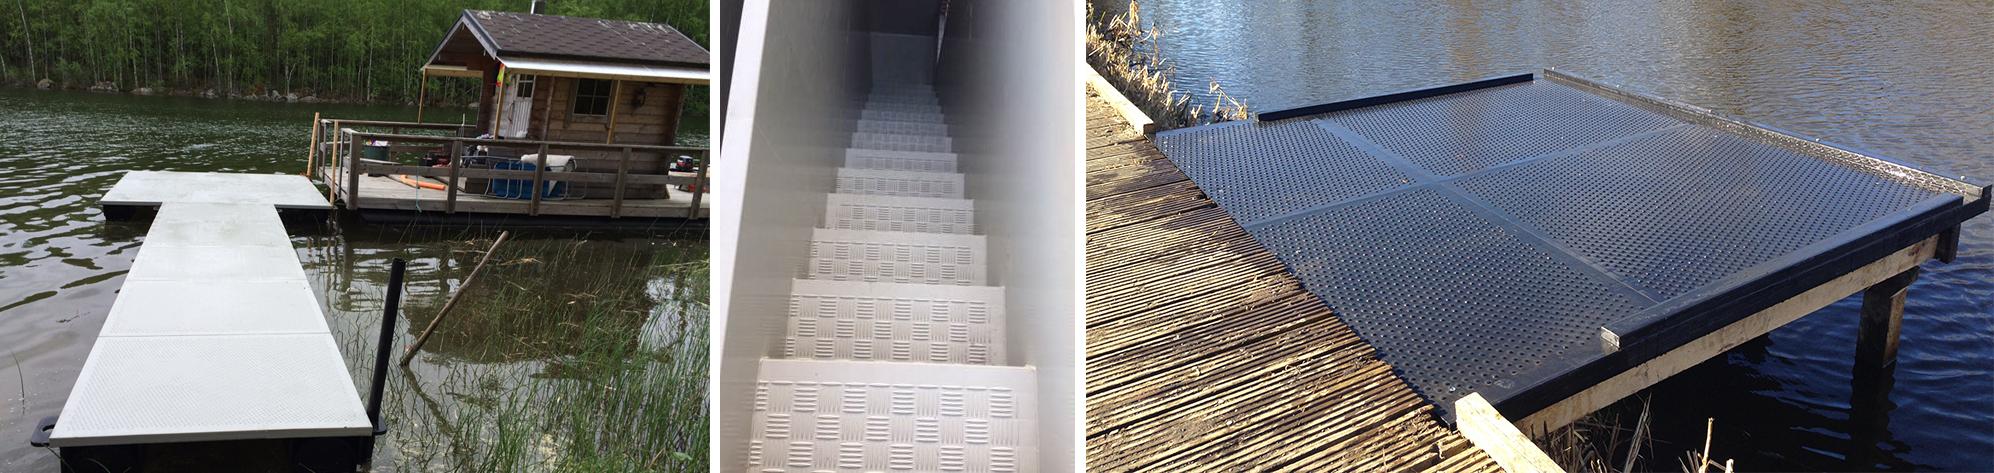 Pisos, escaleras y pontones. Los paneles Paneltim son muy adecuados para aplicaciones de pavimentos y para uso en escaleras. Gracias a sus propiedades de aislamiento (plástico de baja conductividad térmica, envolvente de aire en la estructura celular) y antideslizantes, son excelentes para su uso en aplicaciones de suelos. No es posible una condensación interna del agua.